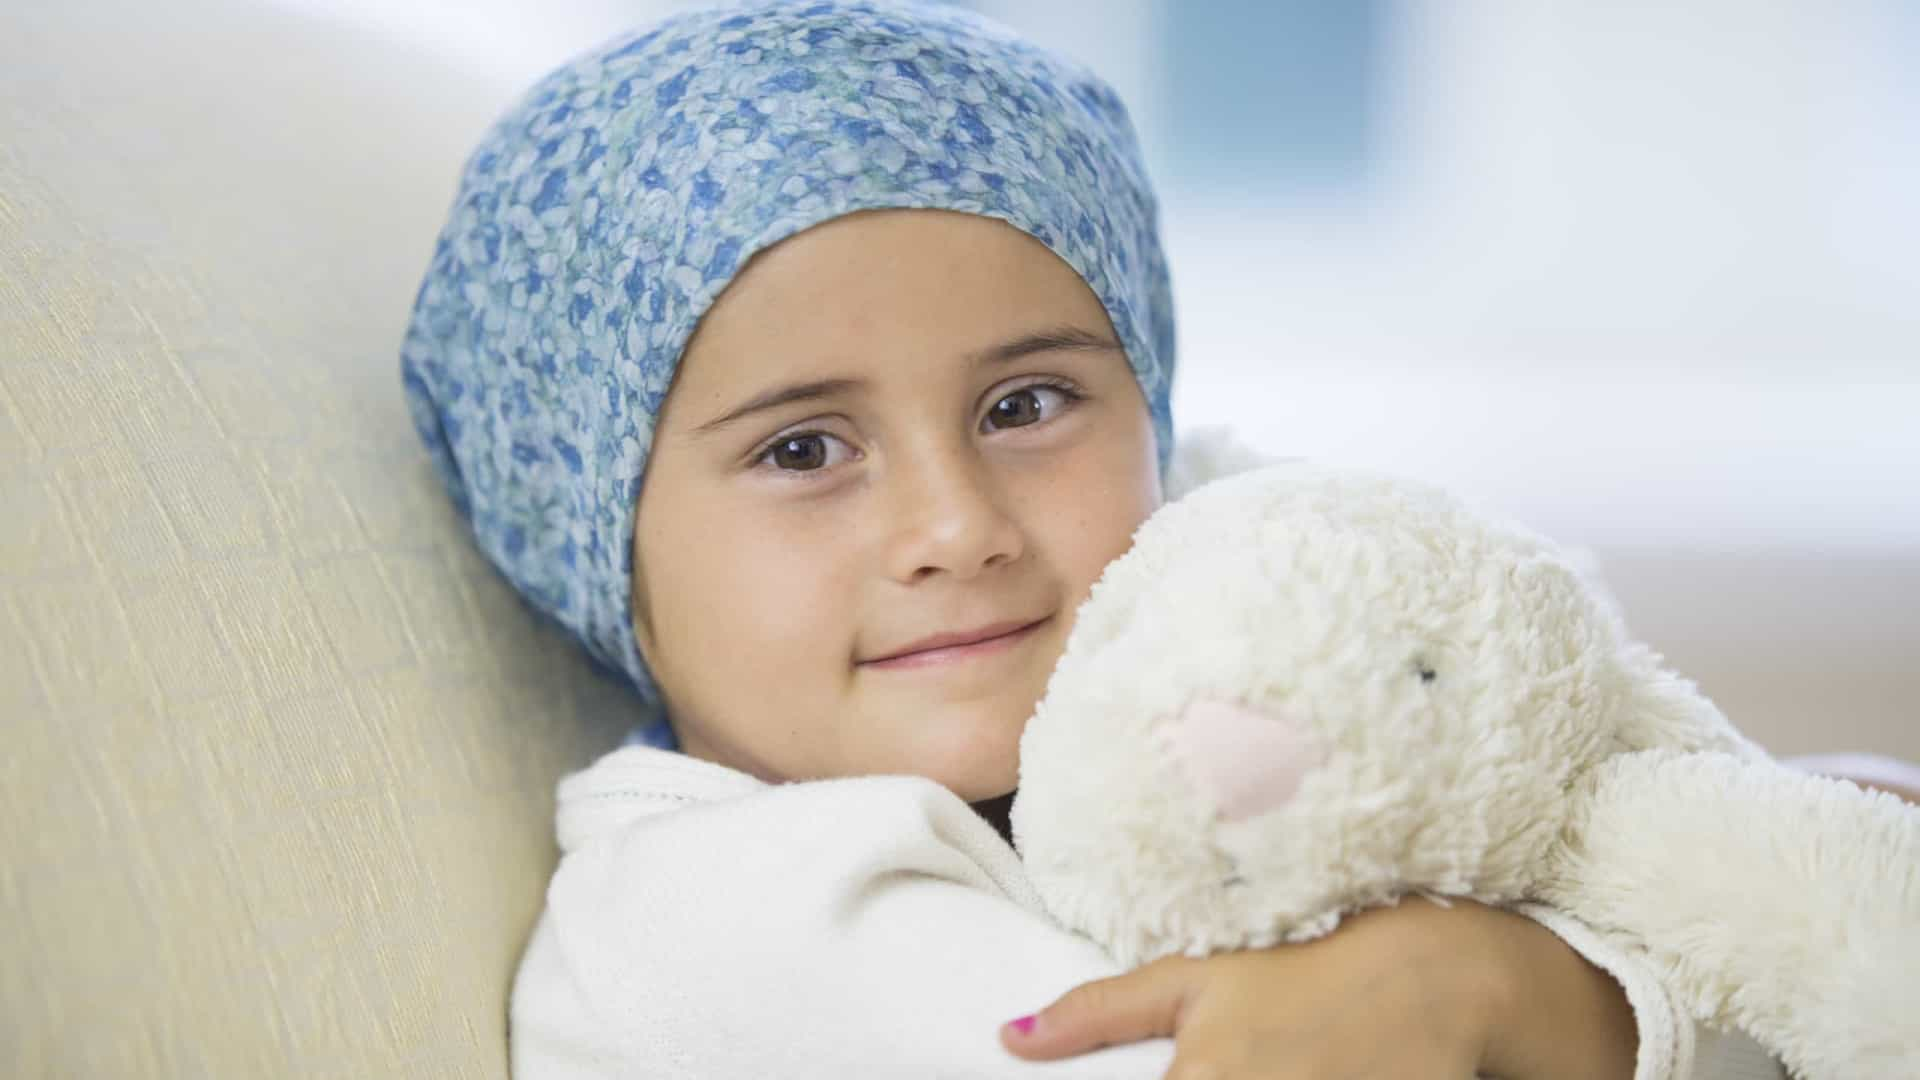 Sangue do cordão umbilical pode ajudar a tratar Leucemia em crianças